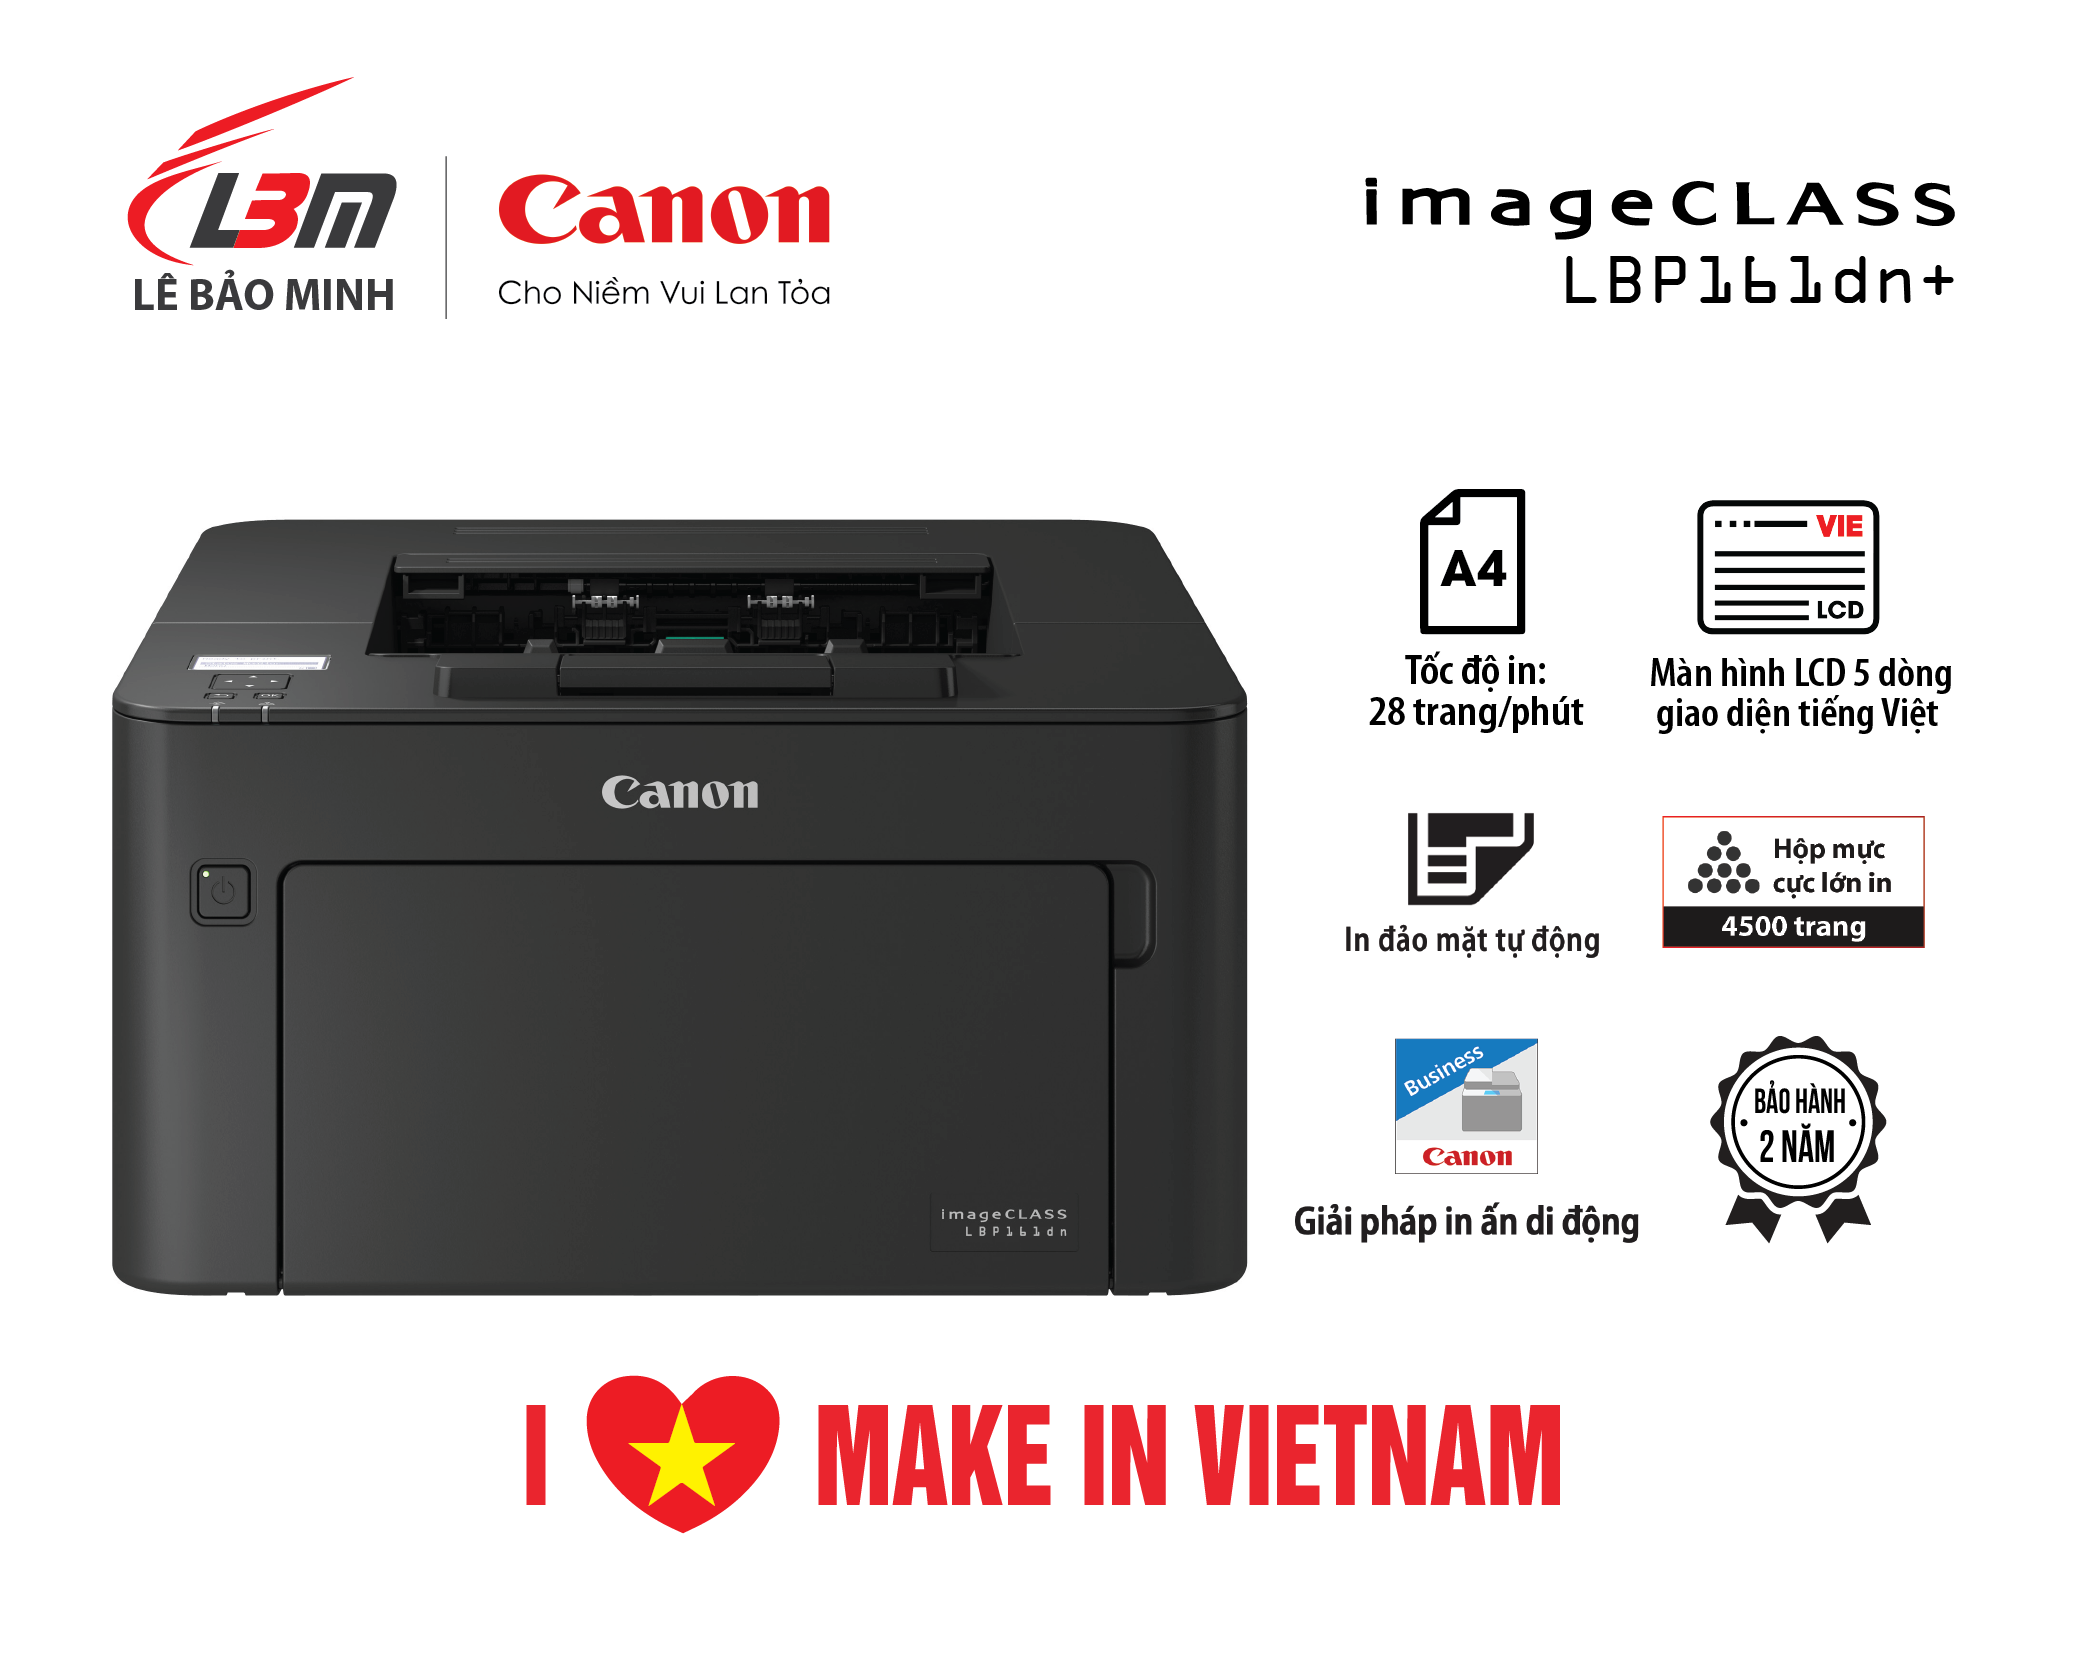 Máy in Canon LBP 161Dn+ – Hộp mực lớn